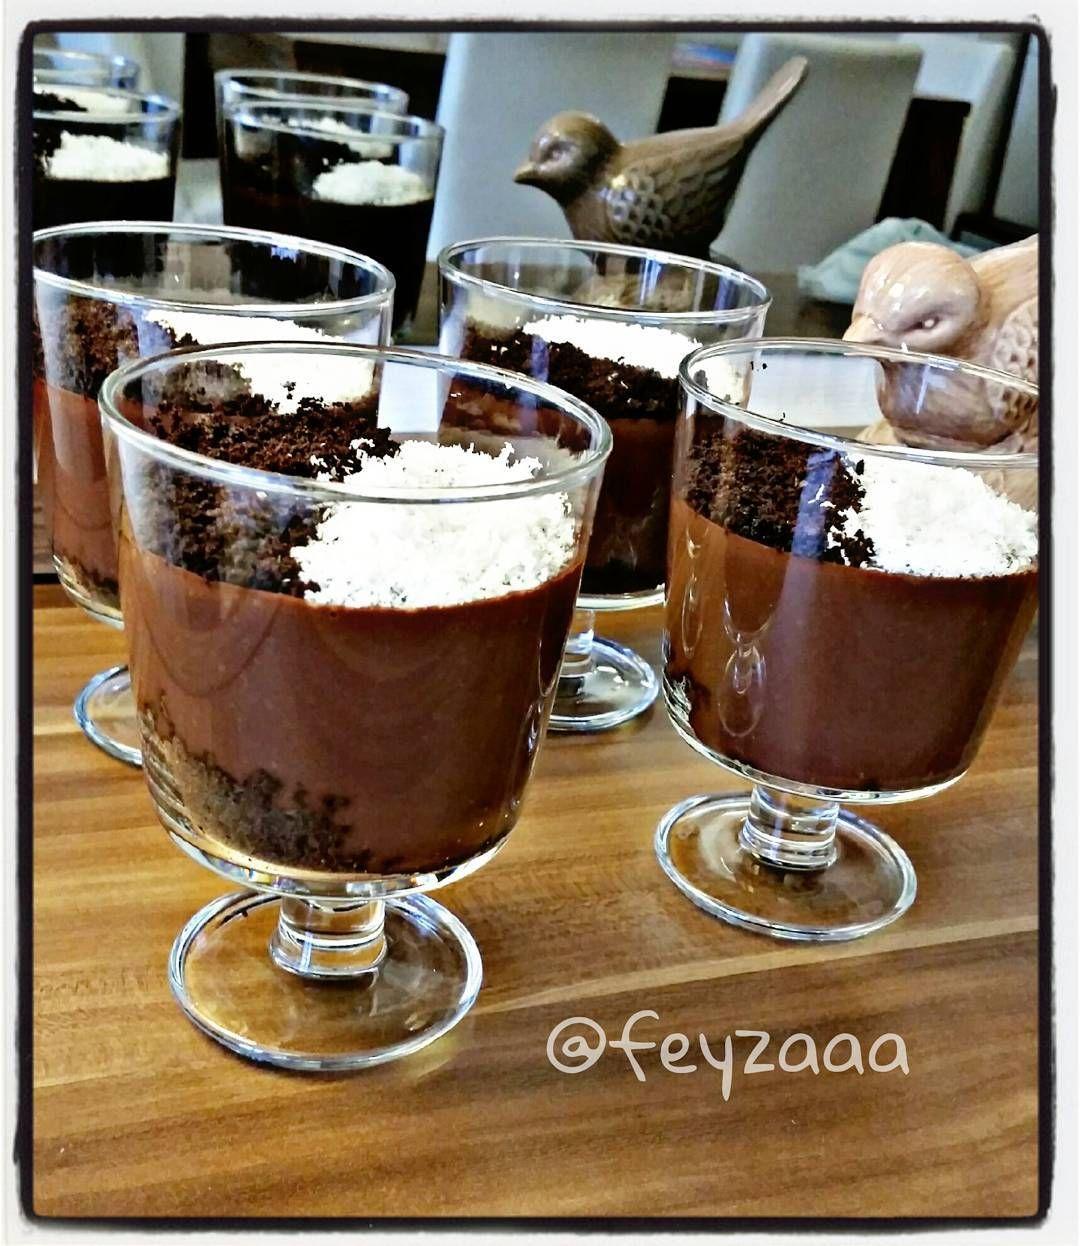 Hayirli aksamlar arkadaslar  Harika bir supangle tarifim var  Cok da basit denemeyen kalmasin  Tarif icin @ozlemdemirdovenkok e tesekkur ederim  Supangle  2 bardak sut 2 yemek kasigi un 1 yemek kasigi nisasta 1 yemek kasigi tereyagi 1 paket vanilya  2 paket biri sutlu biri bitter cikolata (80 grlik) 1 yemek kasigi kakao 1 yumurta sarisi 1 su bardagi seker (isterseniz yarim bardak kullanin) 1 su bardagi soguk su  Yagi eritip unu ekleyin ve kavurun. Sutu ilave edip cirparak ...